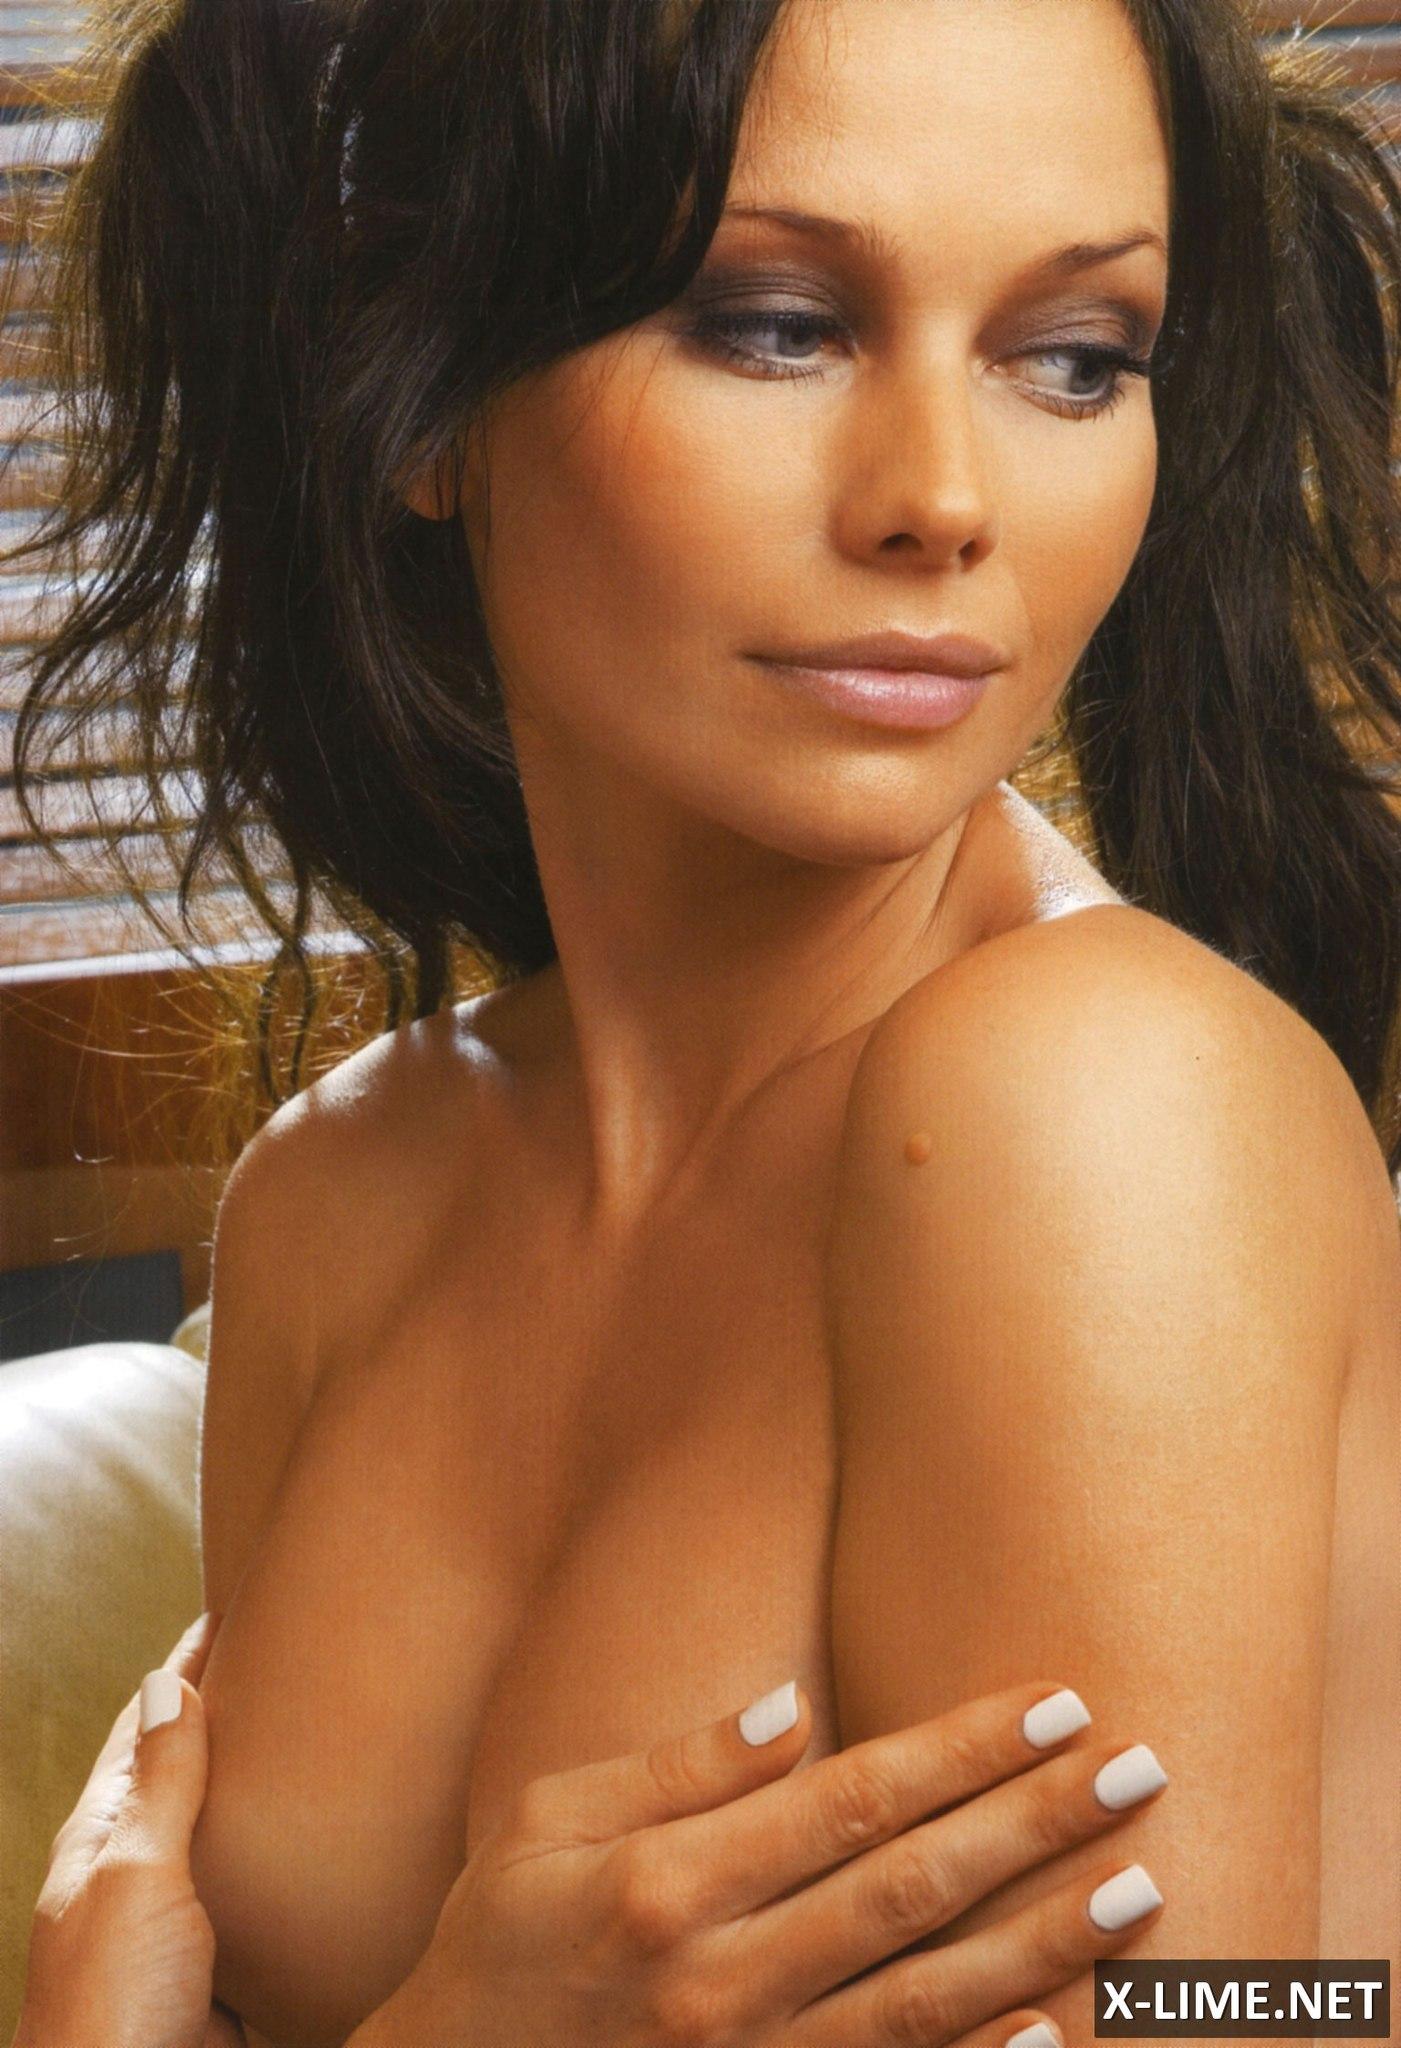 Русские актрисы снявшиеся голыми 11 фотография